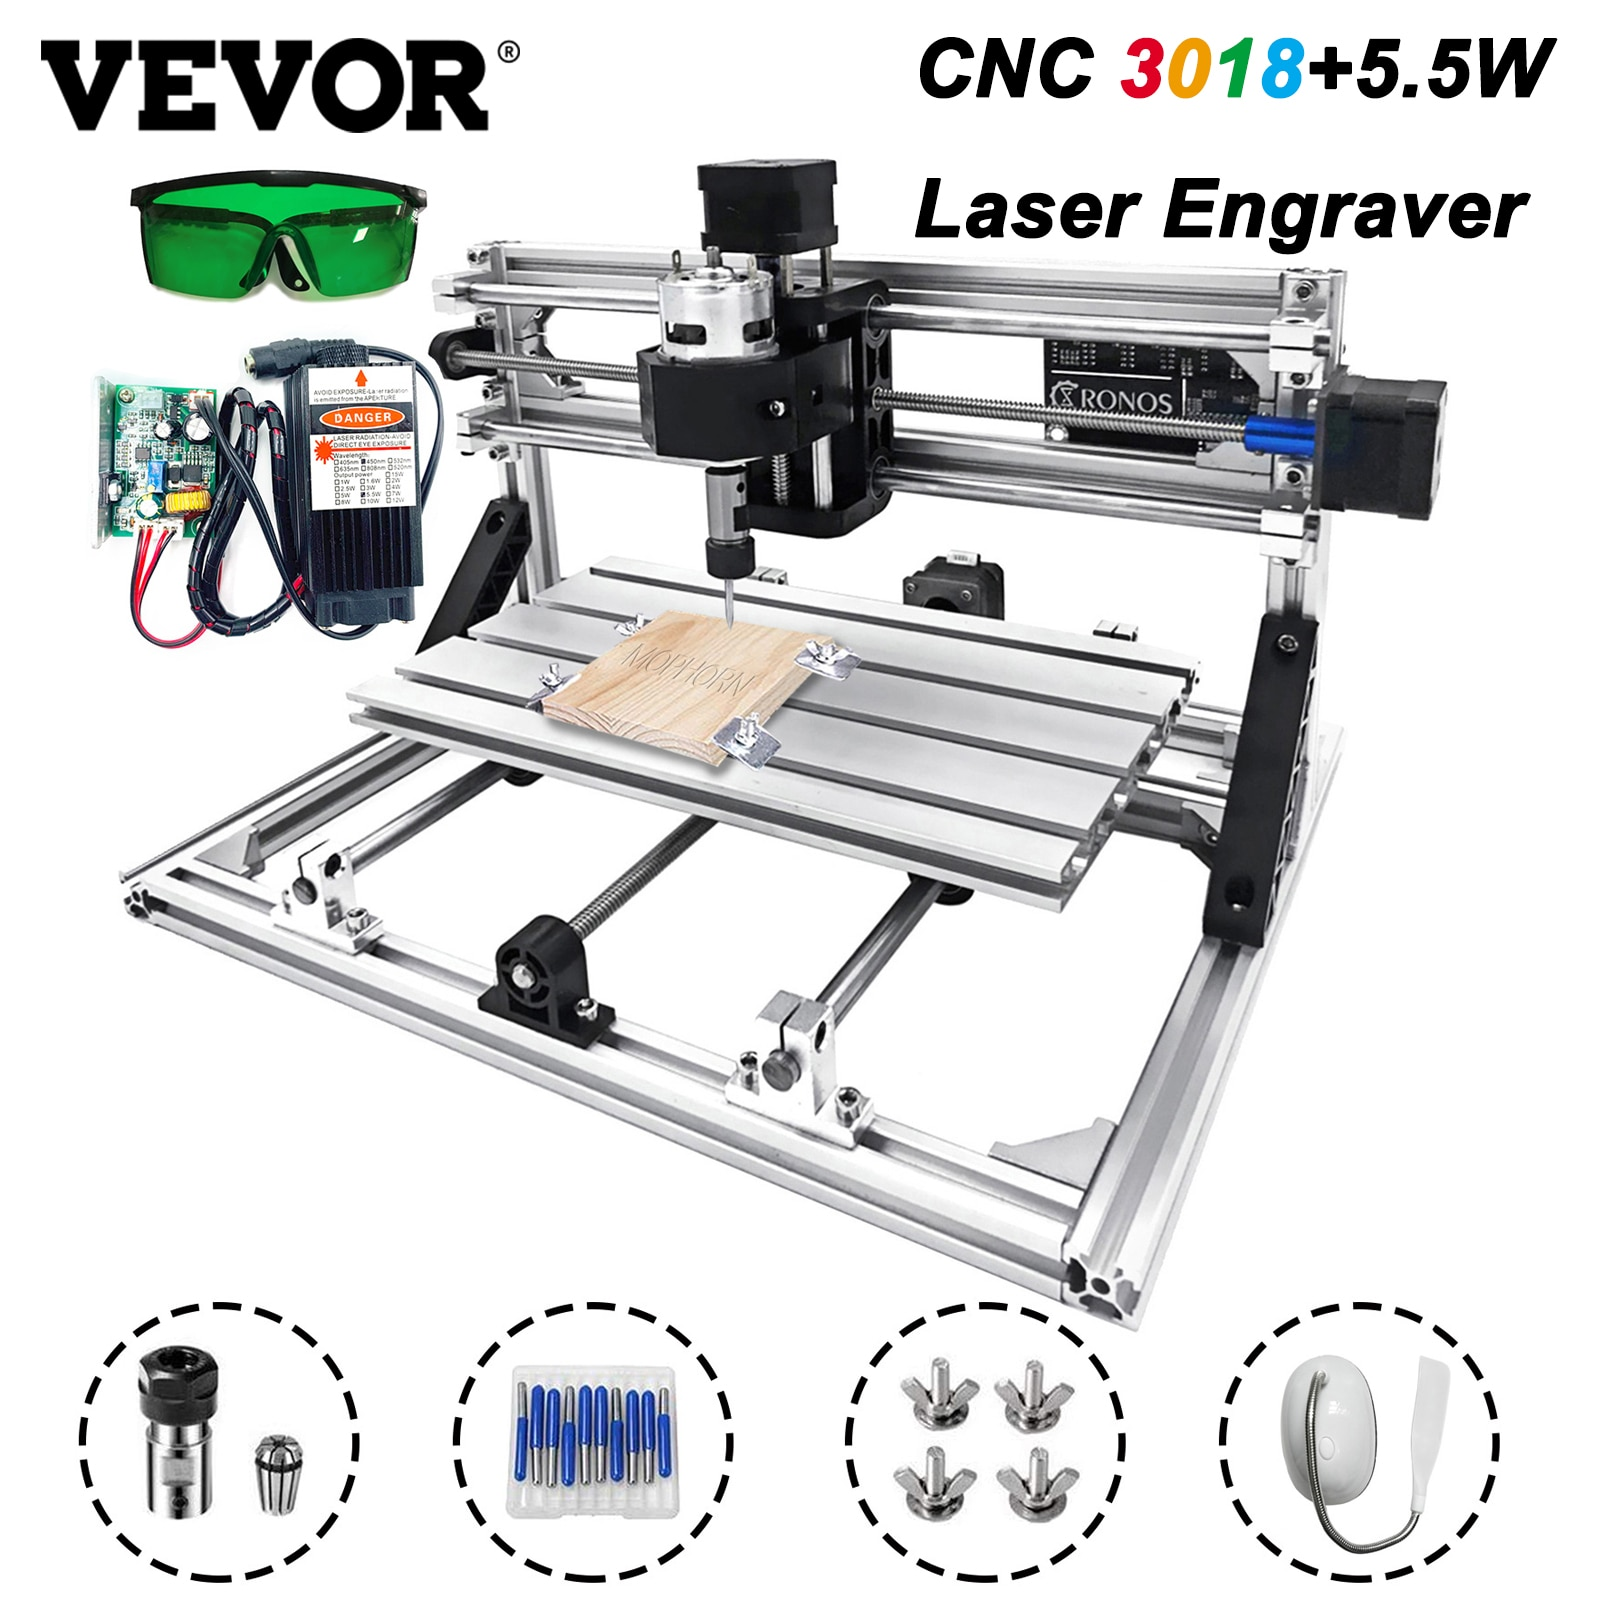 ماكينة الحفر بالليزر VEVOR 3018 ماكينة الحفر بالليزر 5.5 واط مجموعة قاطعة المطحنة بالليزر التحكم GRBL لتقوم بها بنفسك أعمال النجارة